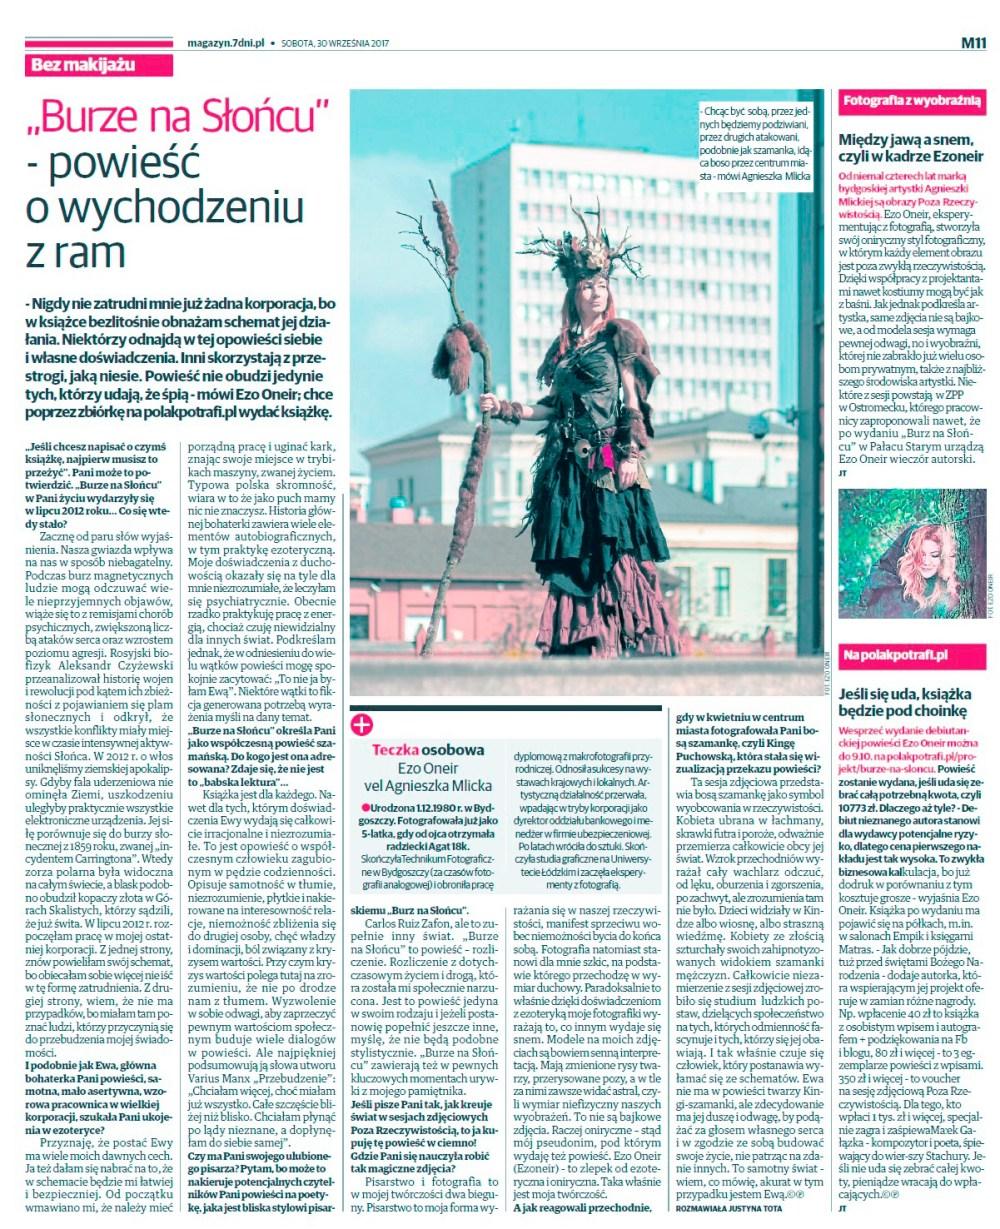 Artykuł express